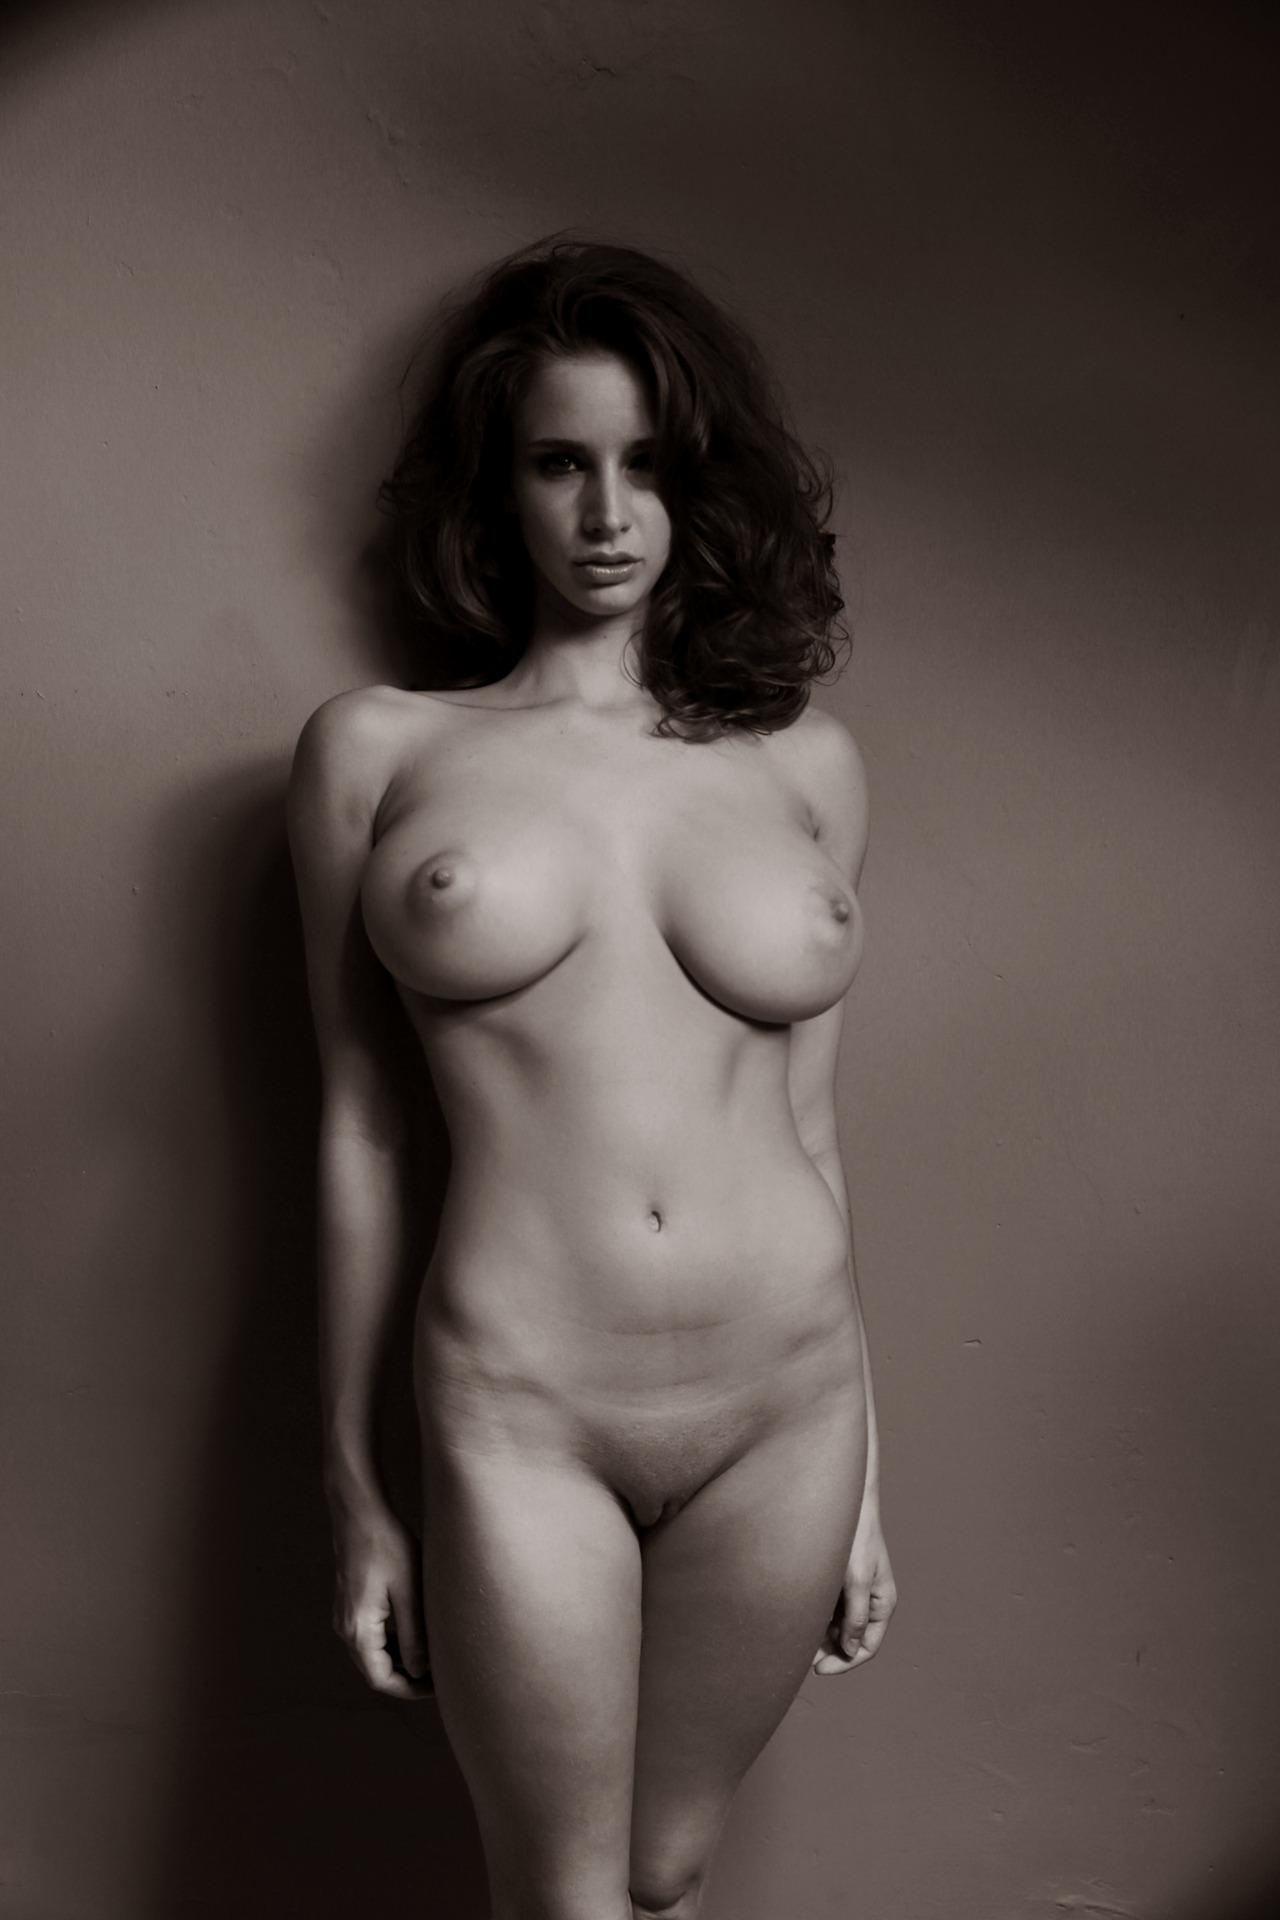 Худая с красивой грудью 12 фотография